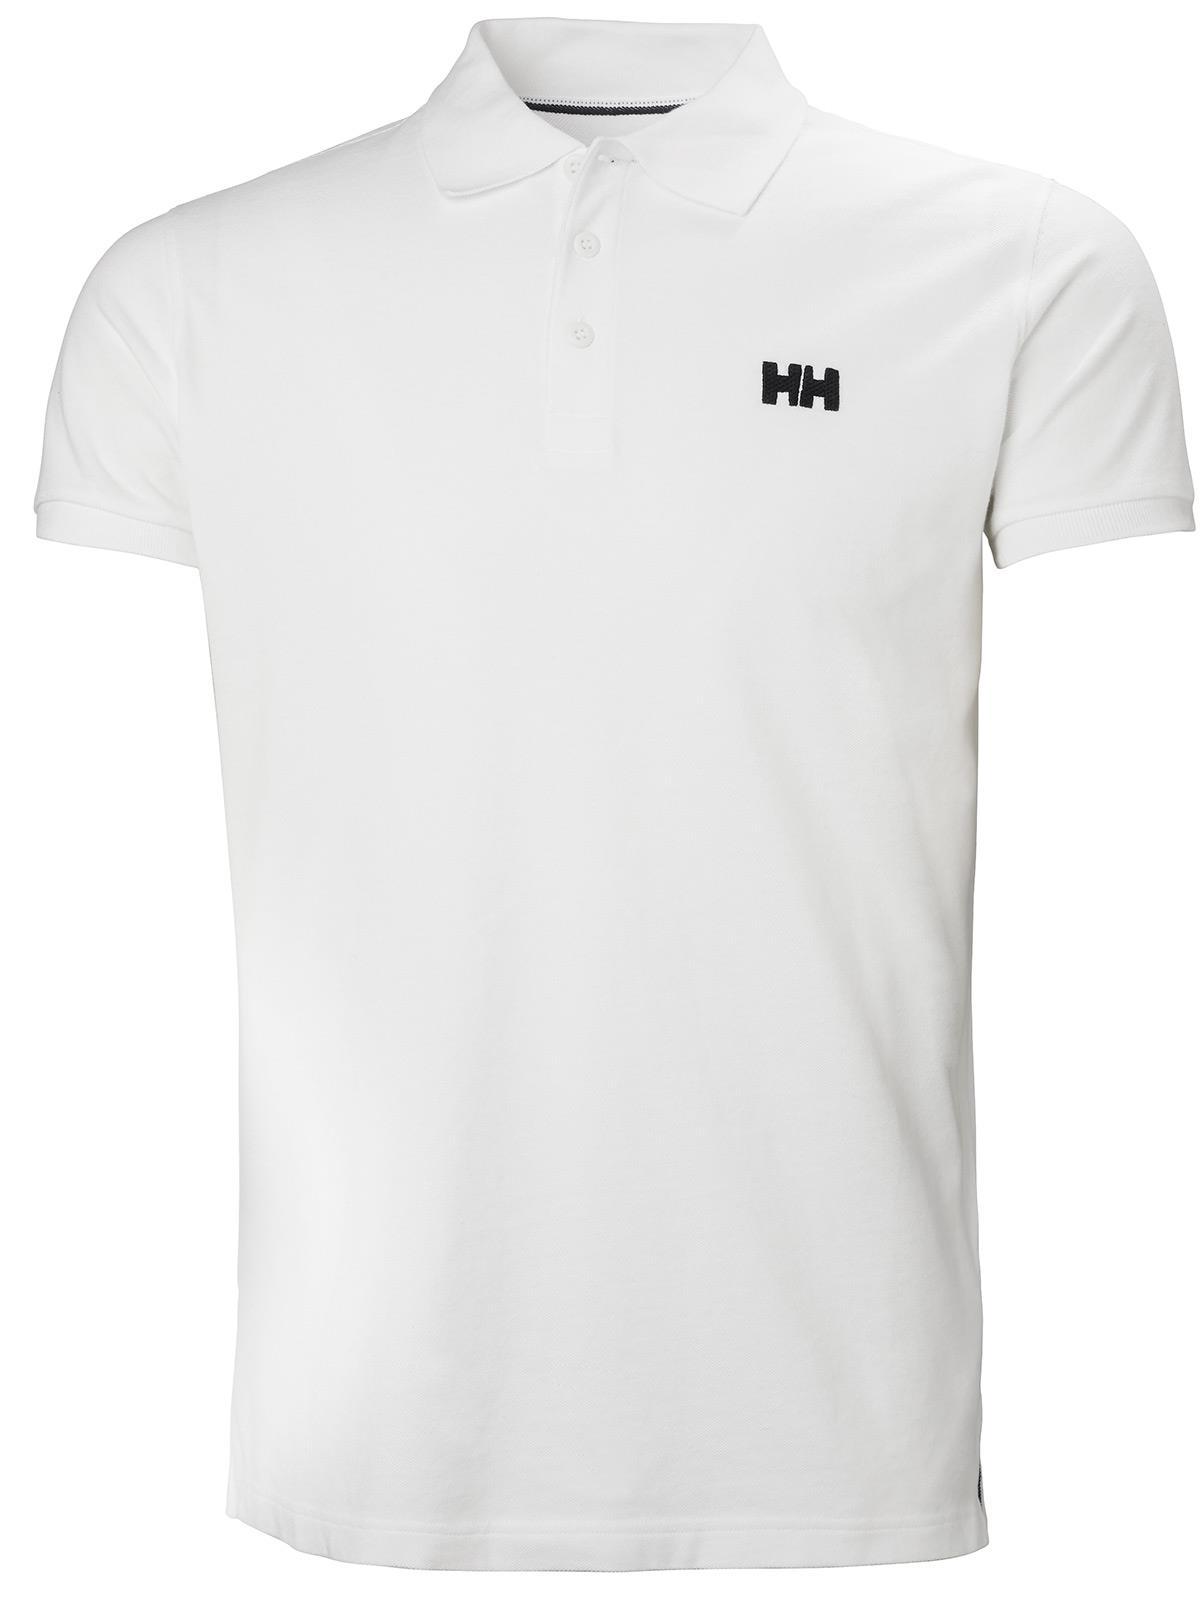 Helly Hansen Hh Transat Polo Erkek T-Shirt / Polo T-Shirt